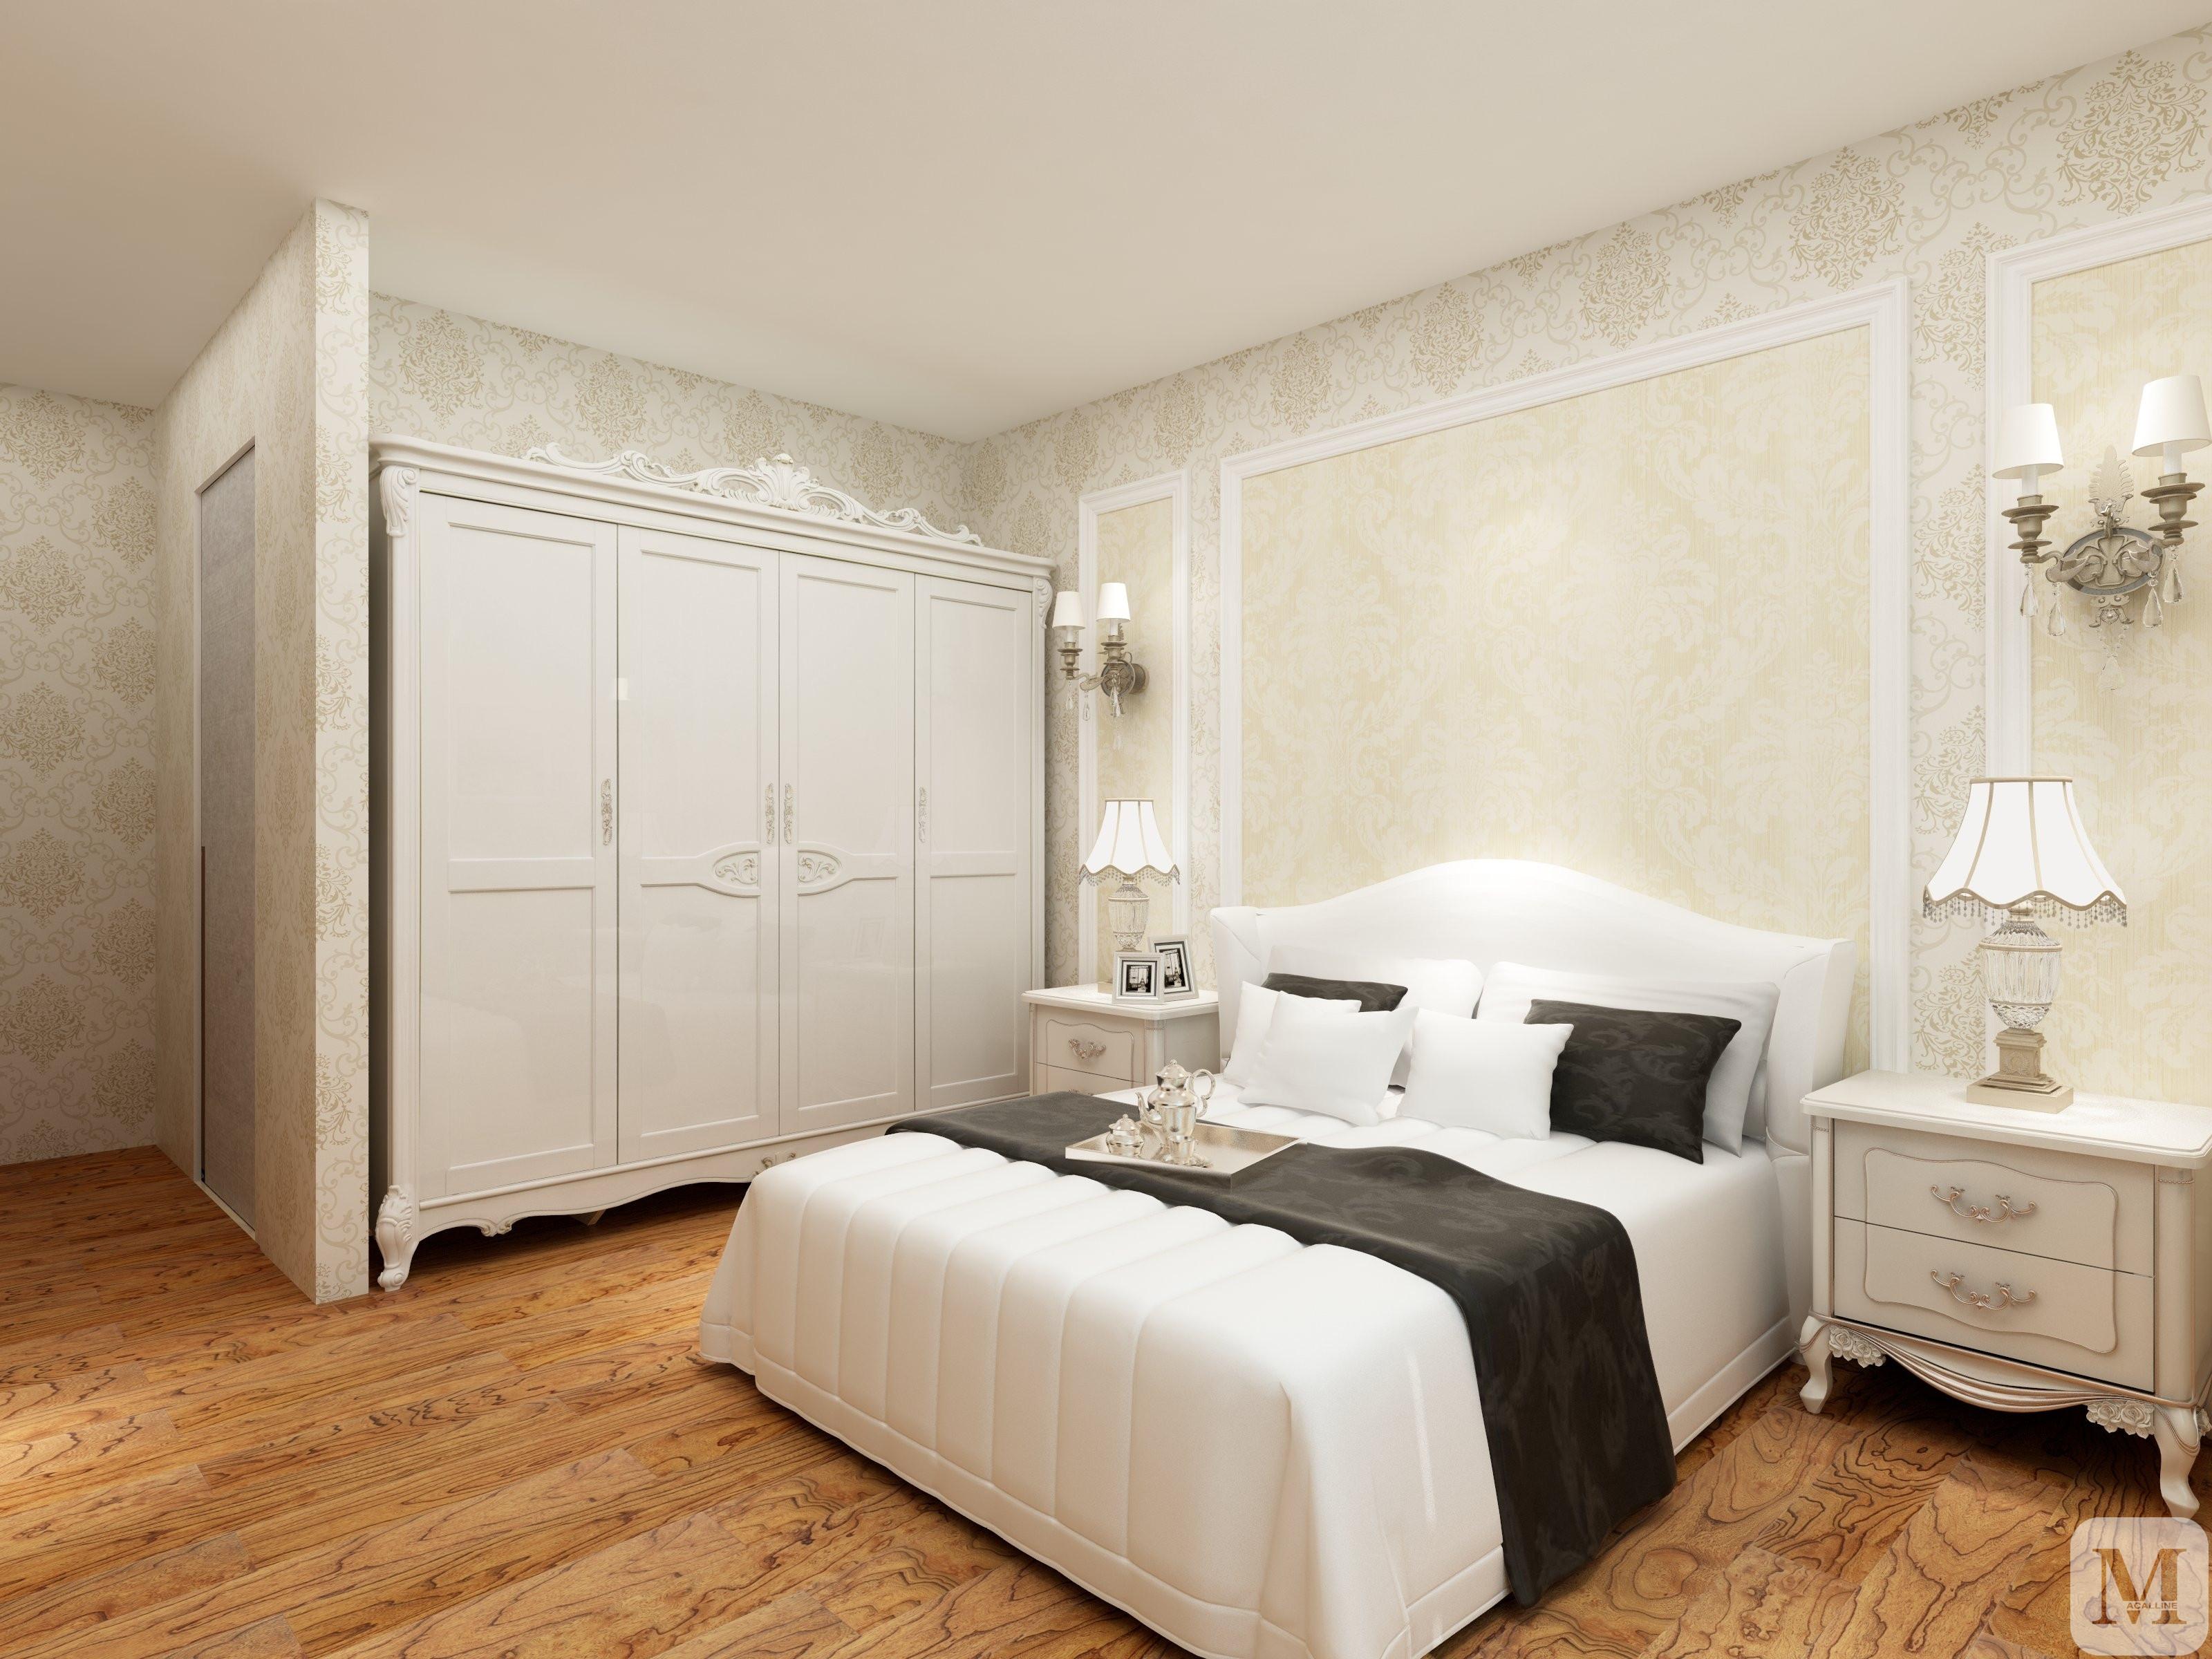 4008-213-213转2 简约卧室吊顶装修效果图 图片信息 卧室吊顶窗帘衣柜